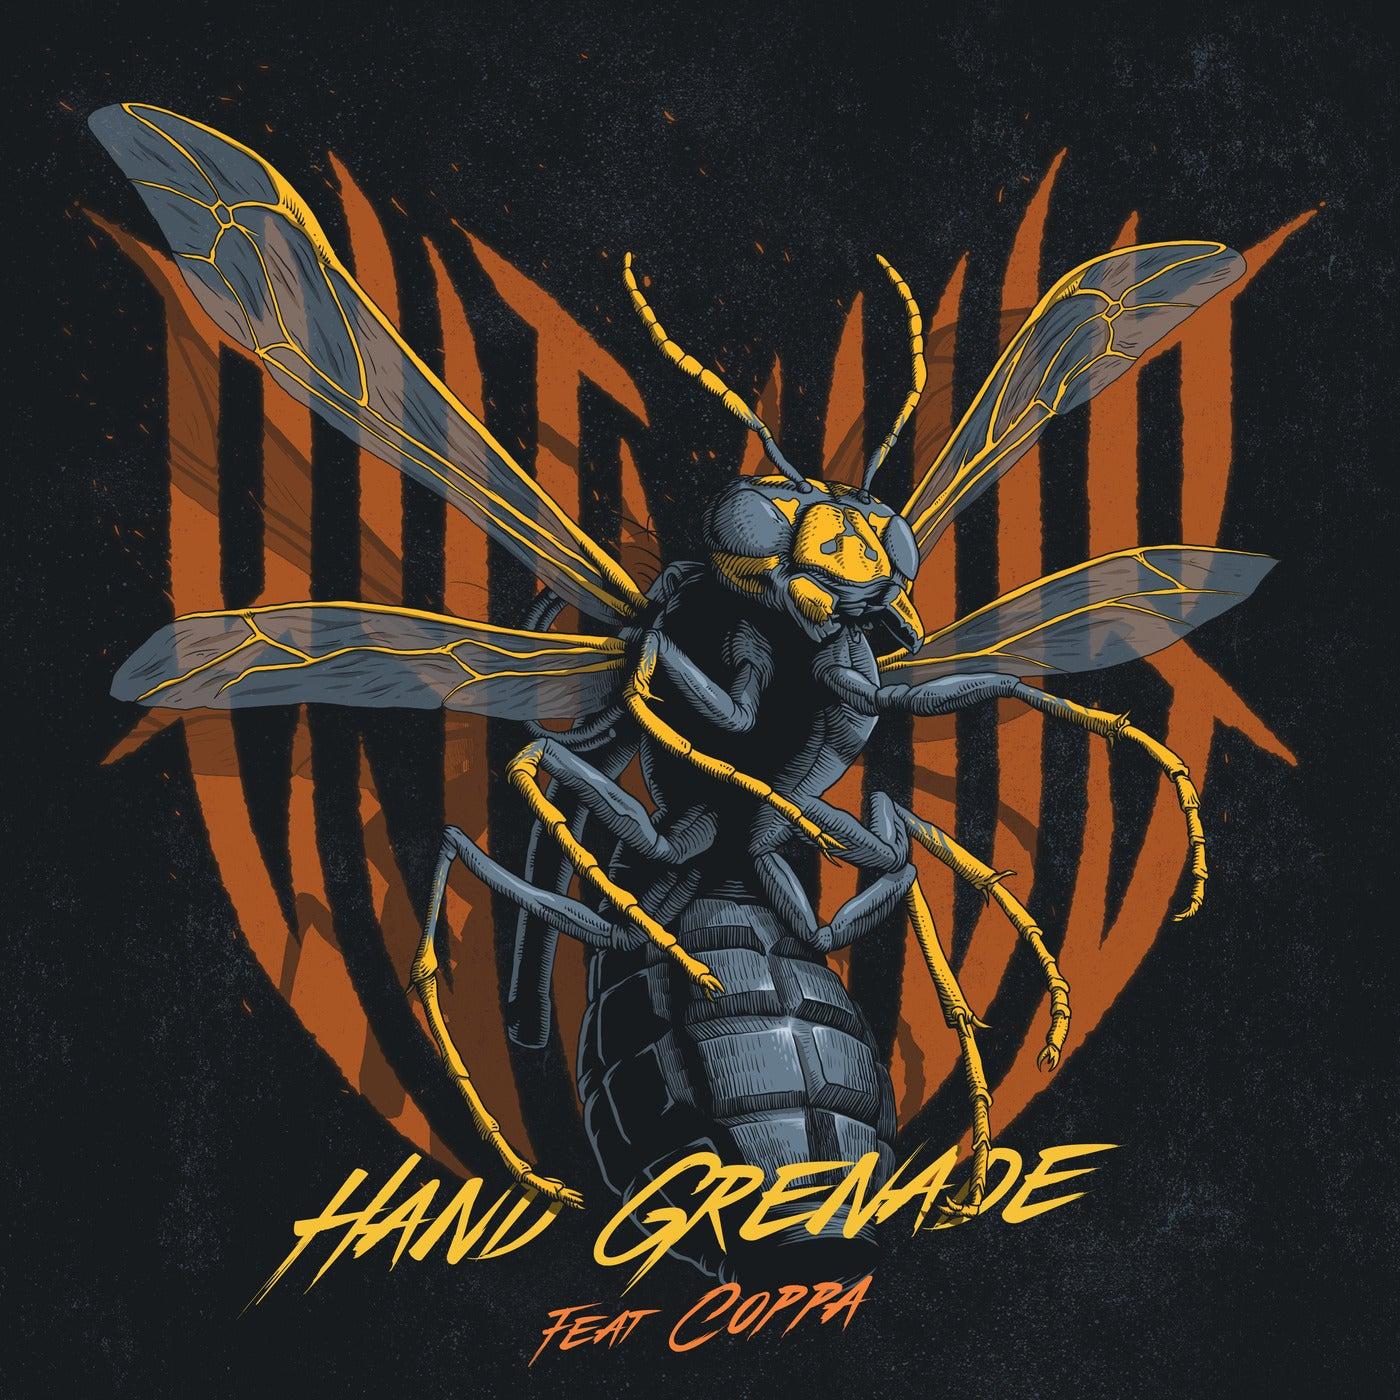 Hand Grenade (Original Mix)